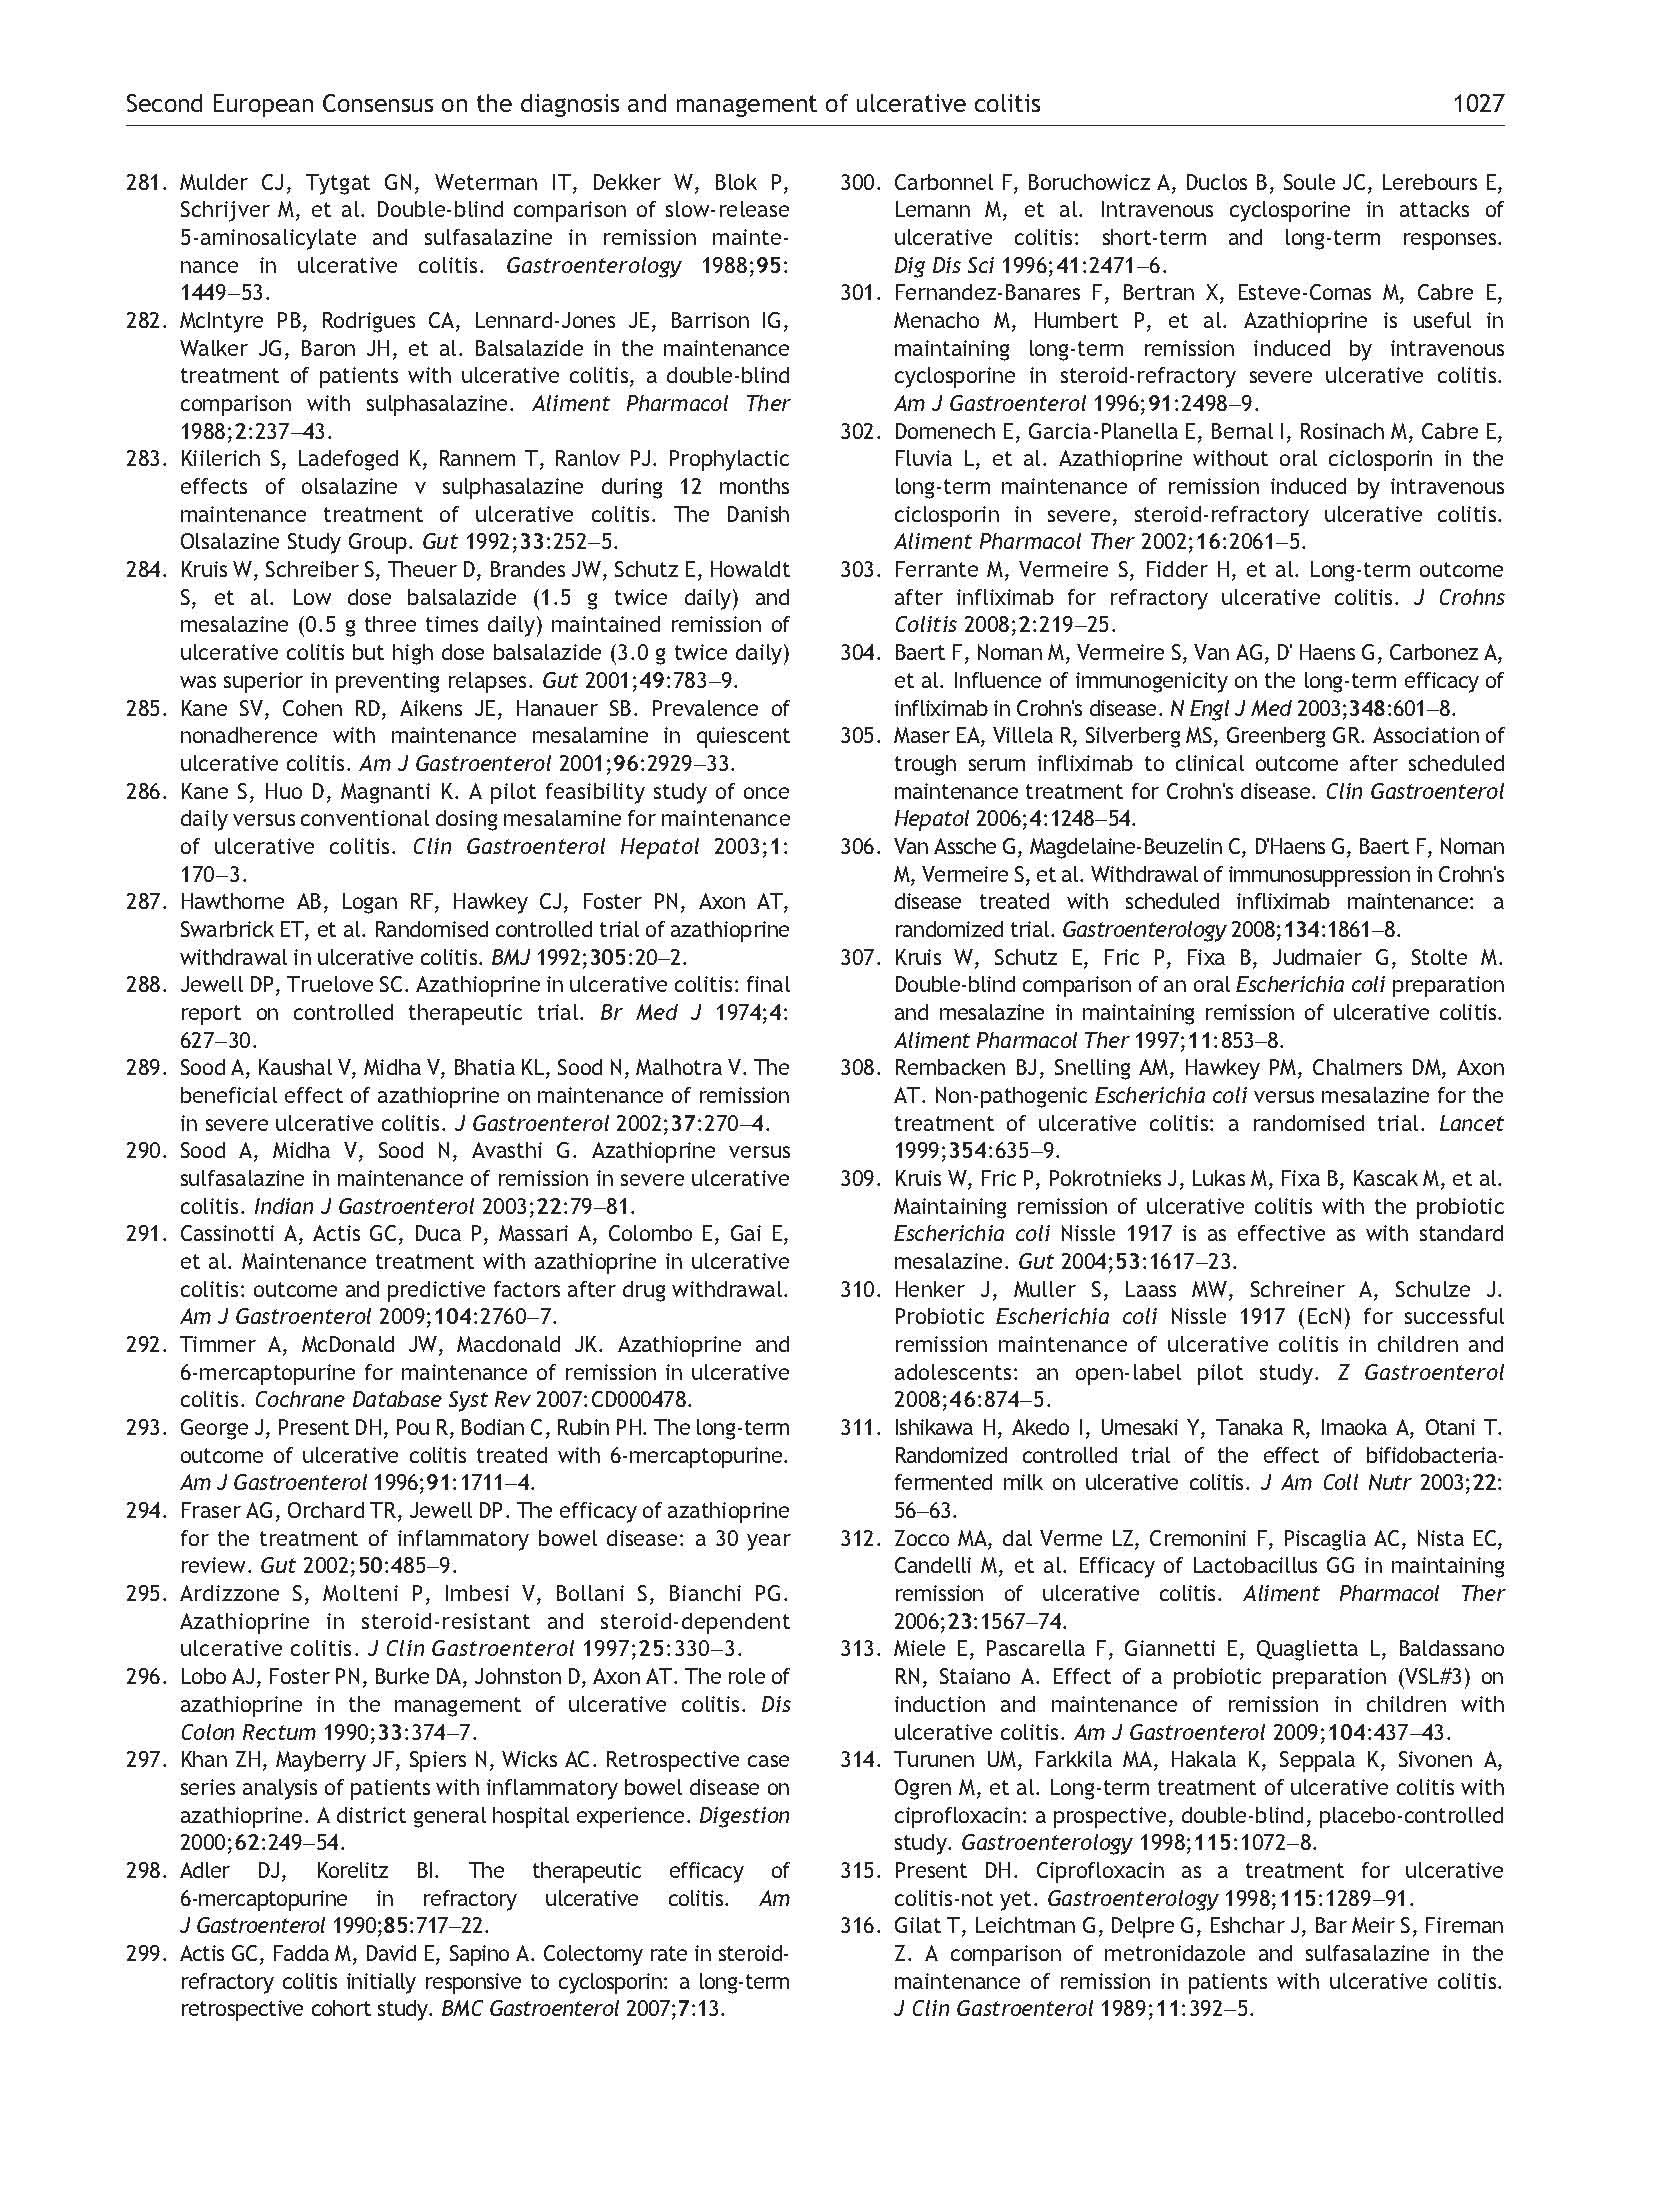 2012-ECCO第二版-欧洲询证共识:溃疡性结肠炎的诊断和处理—日常处理_页面_37.jpg